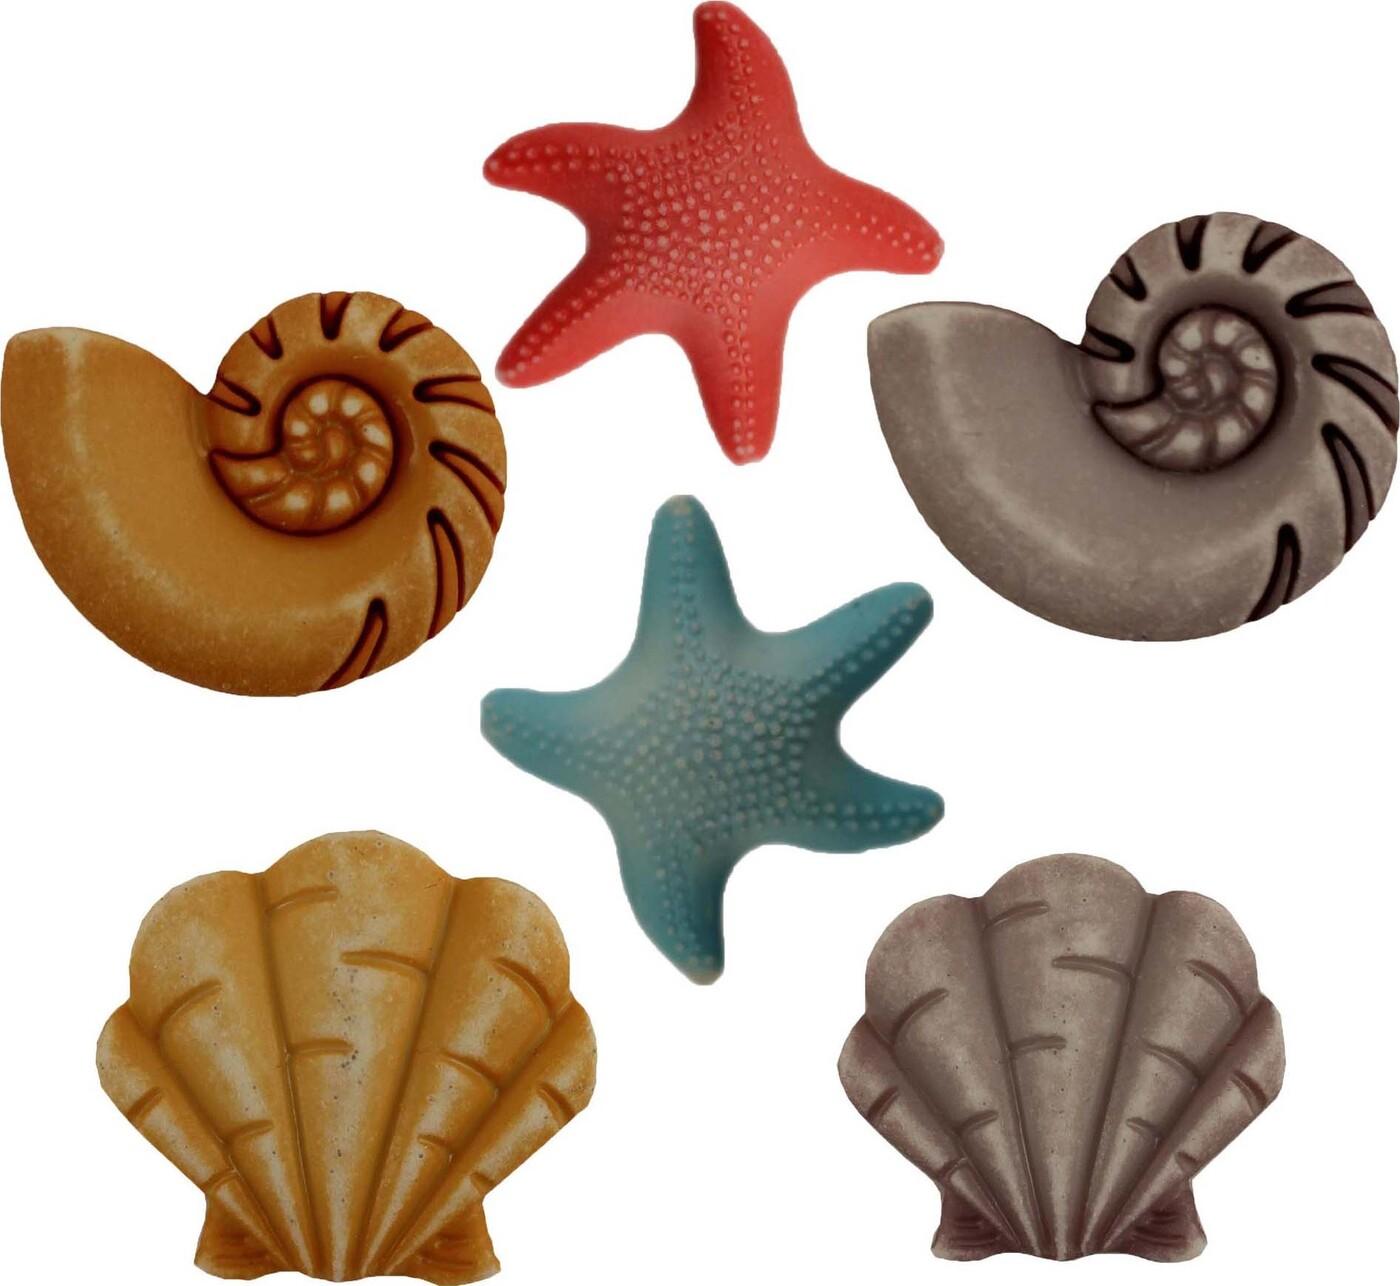 Пуговицы Buttons Galore пластиковые декоративные Beachcomber